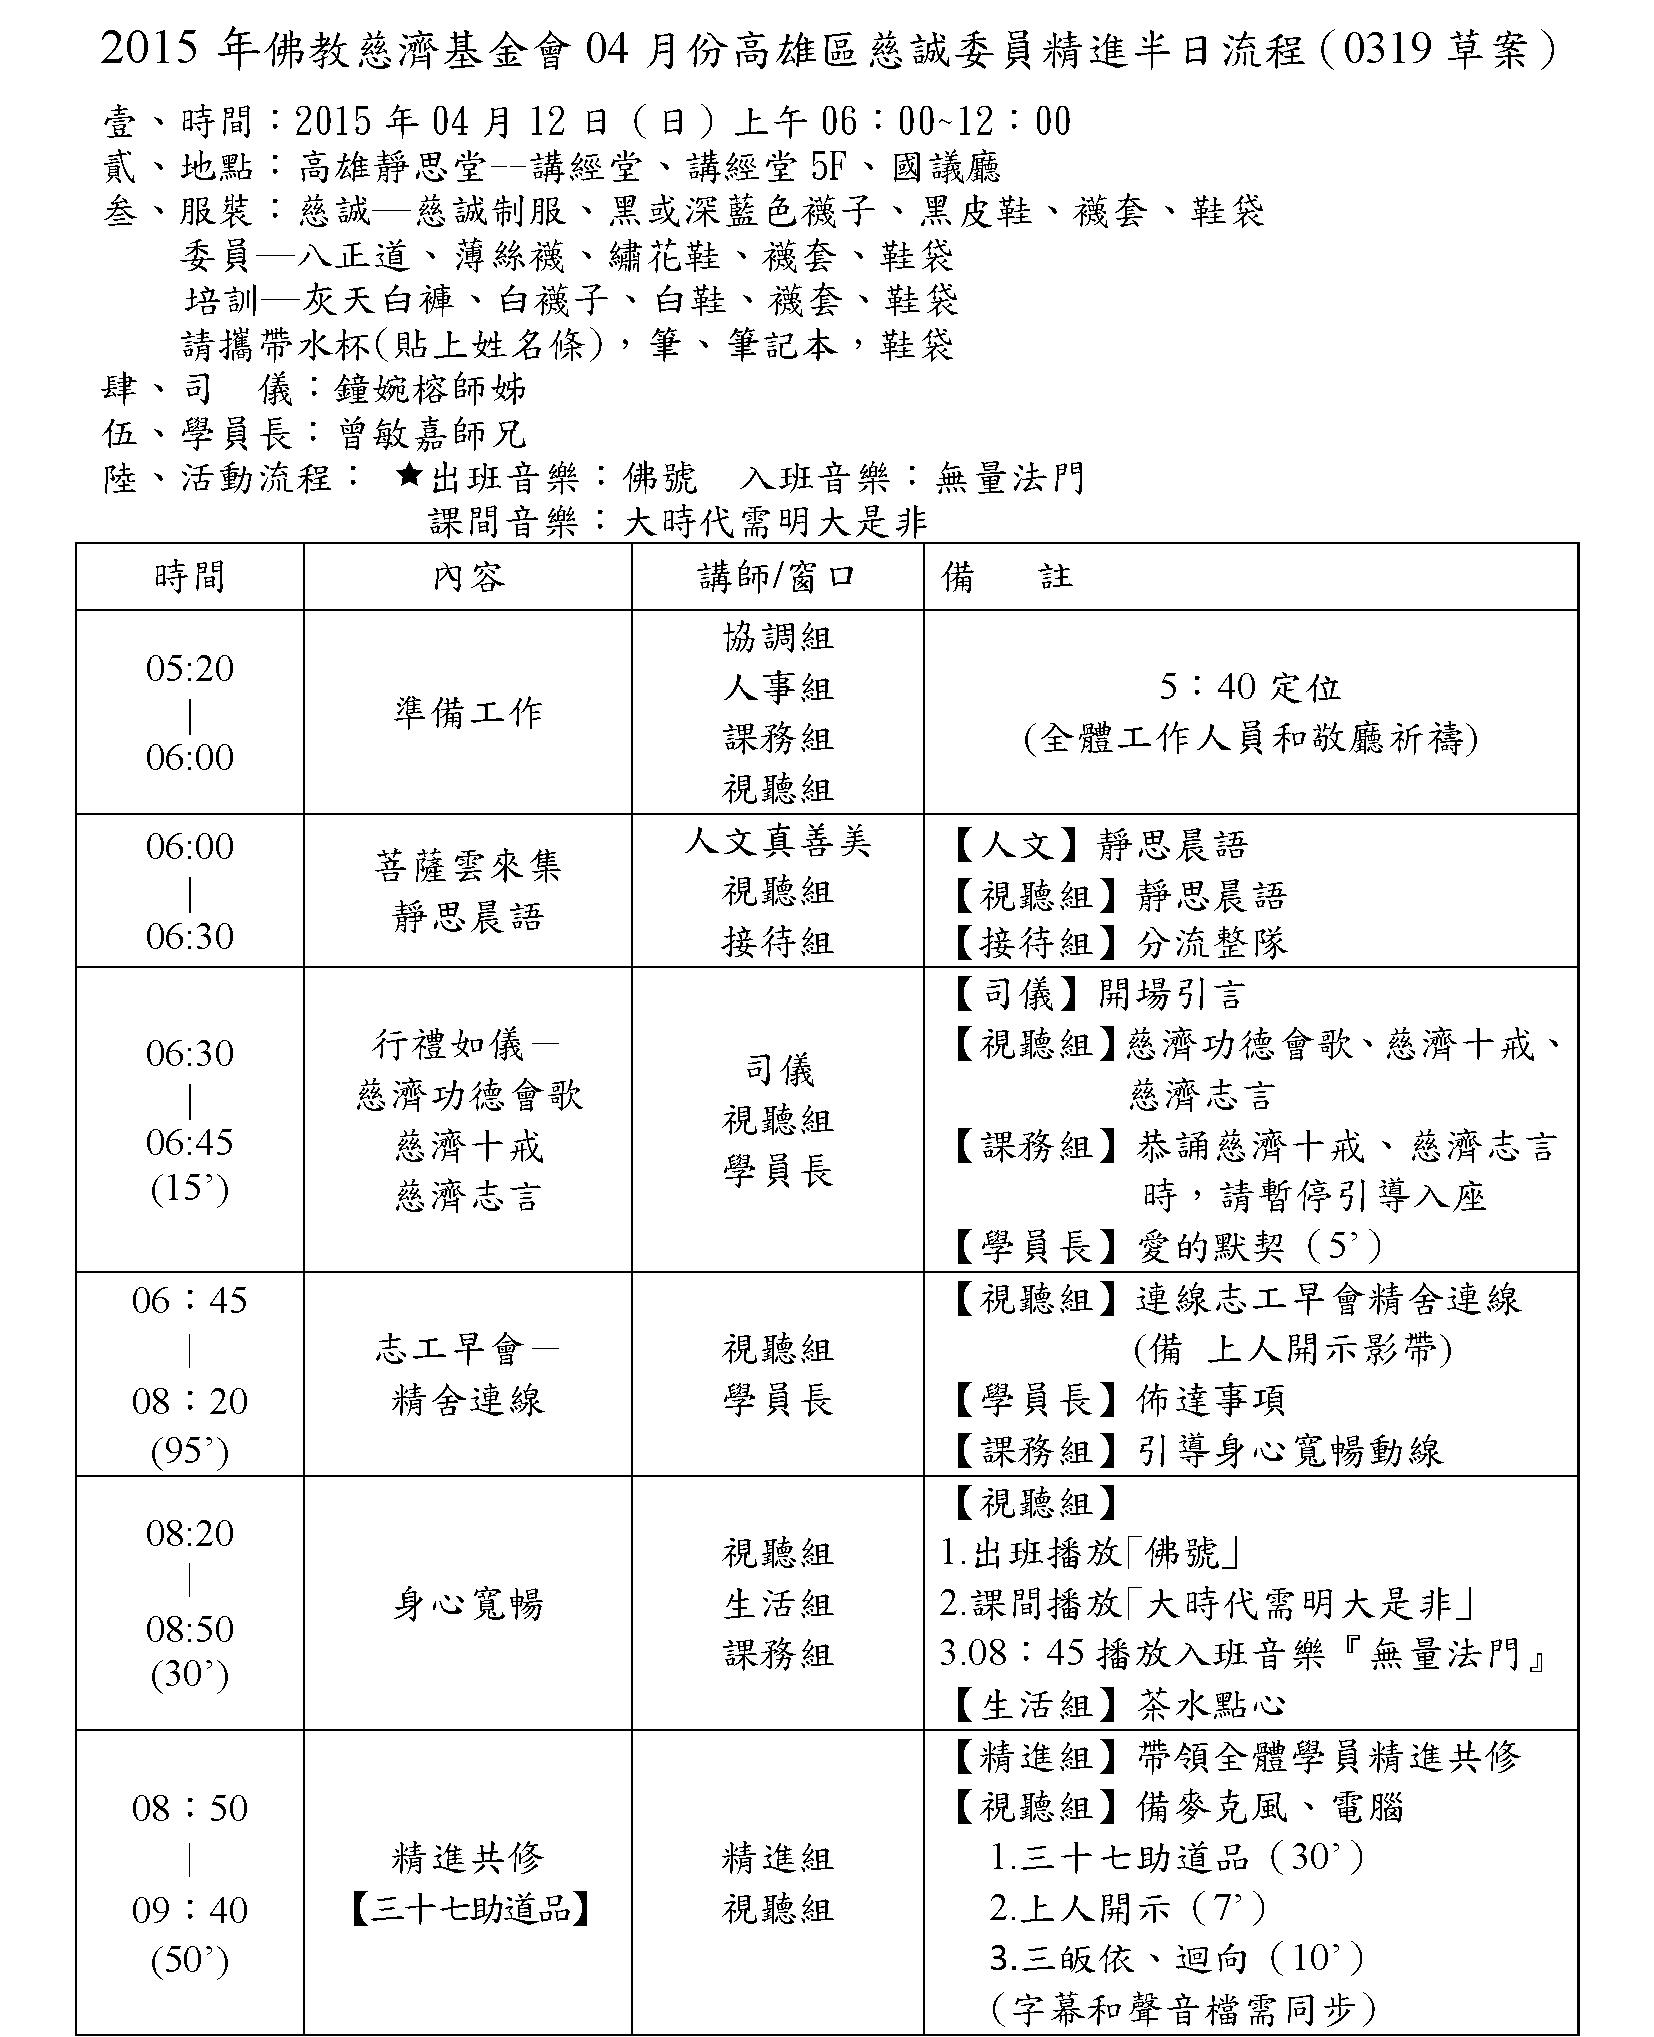 20150412精進日簡易流程-0319_頁面_1.png